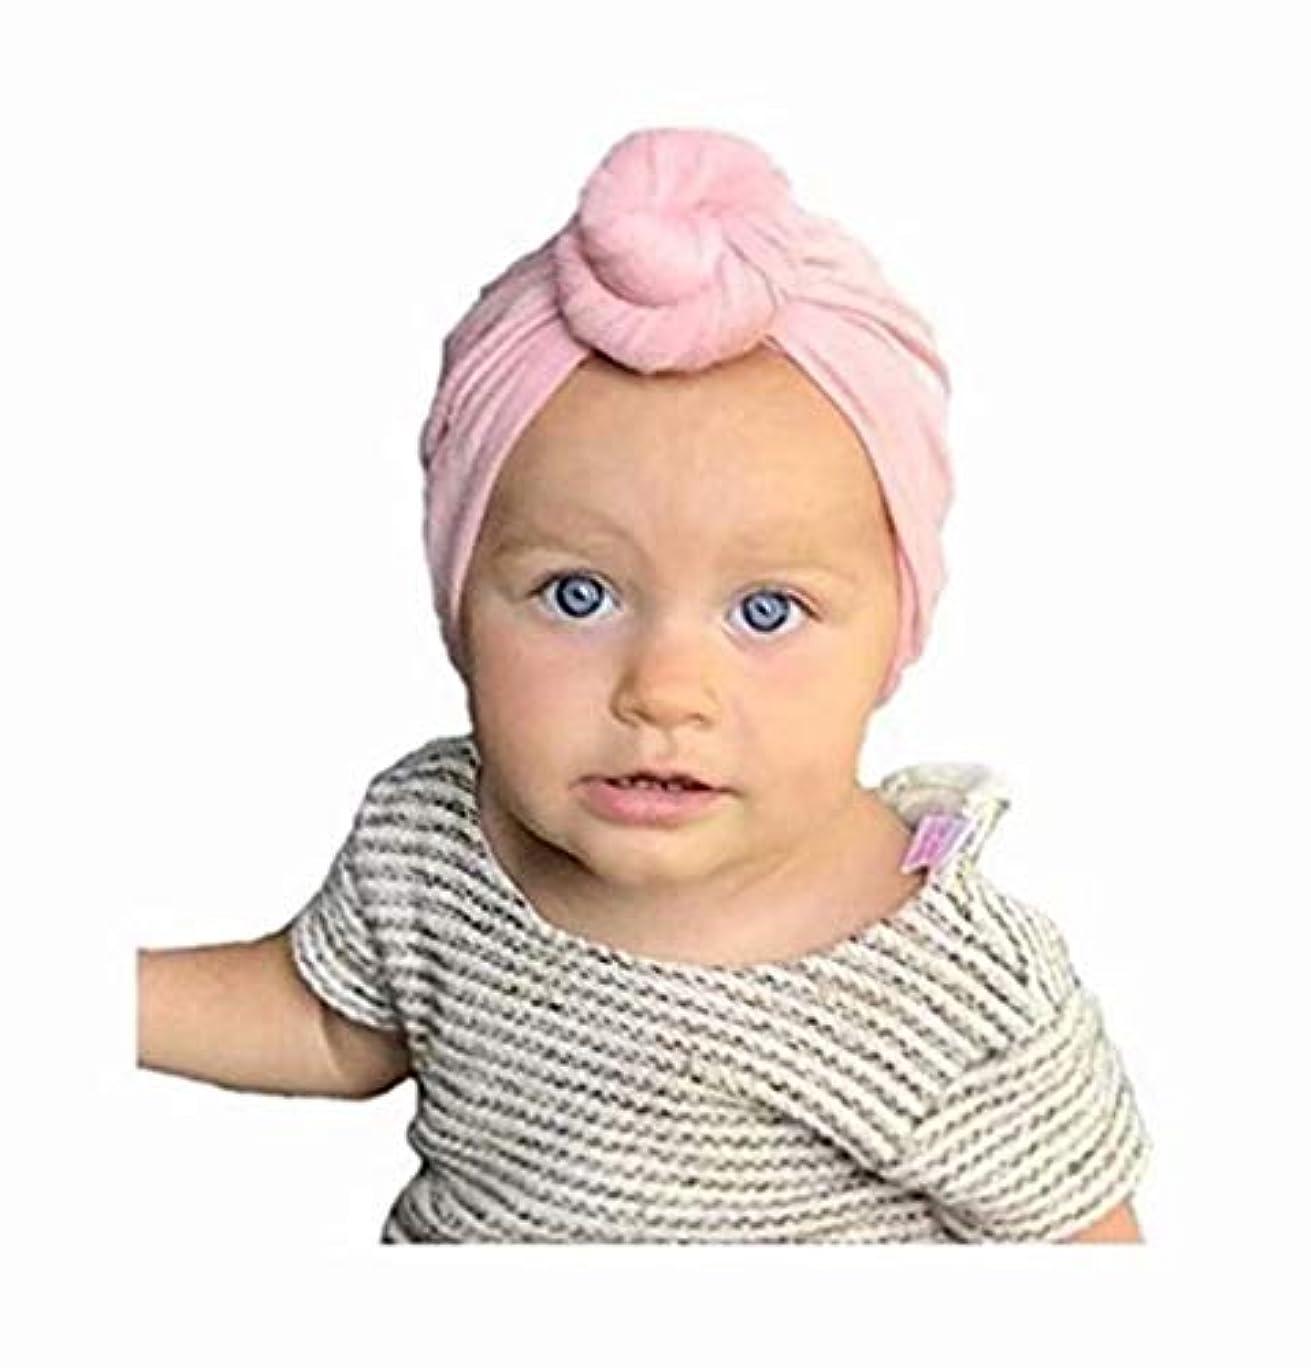 市の花遡る電池七里の香 子供の赤ちゃんの赤ちゃんのヘッドバンド結び目の花のヘアバンドアクセサリーヘッドウェア弾性